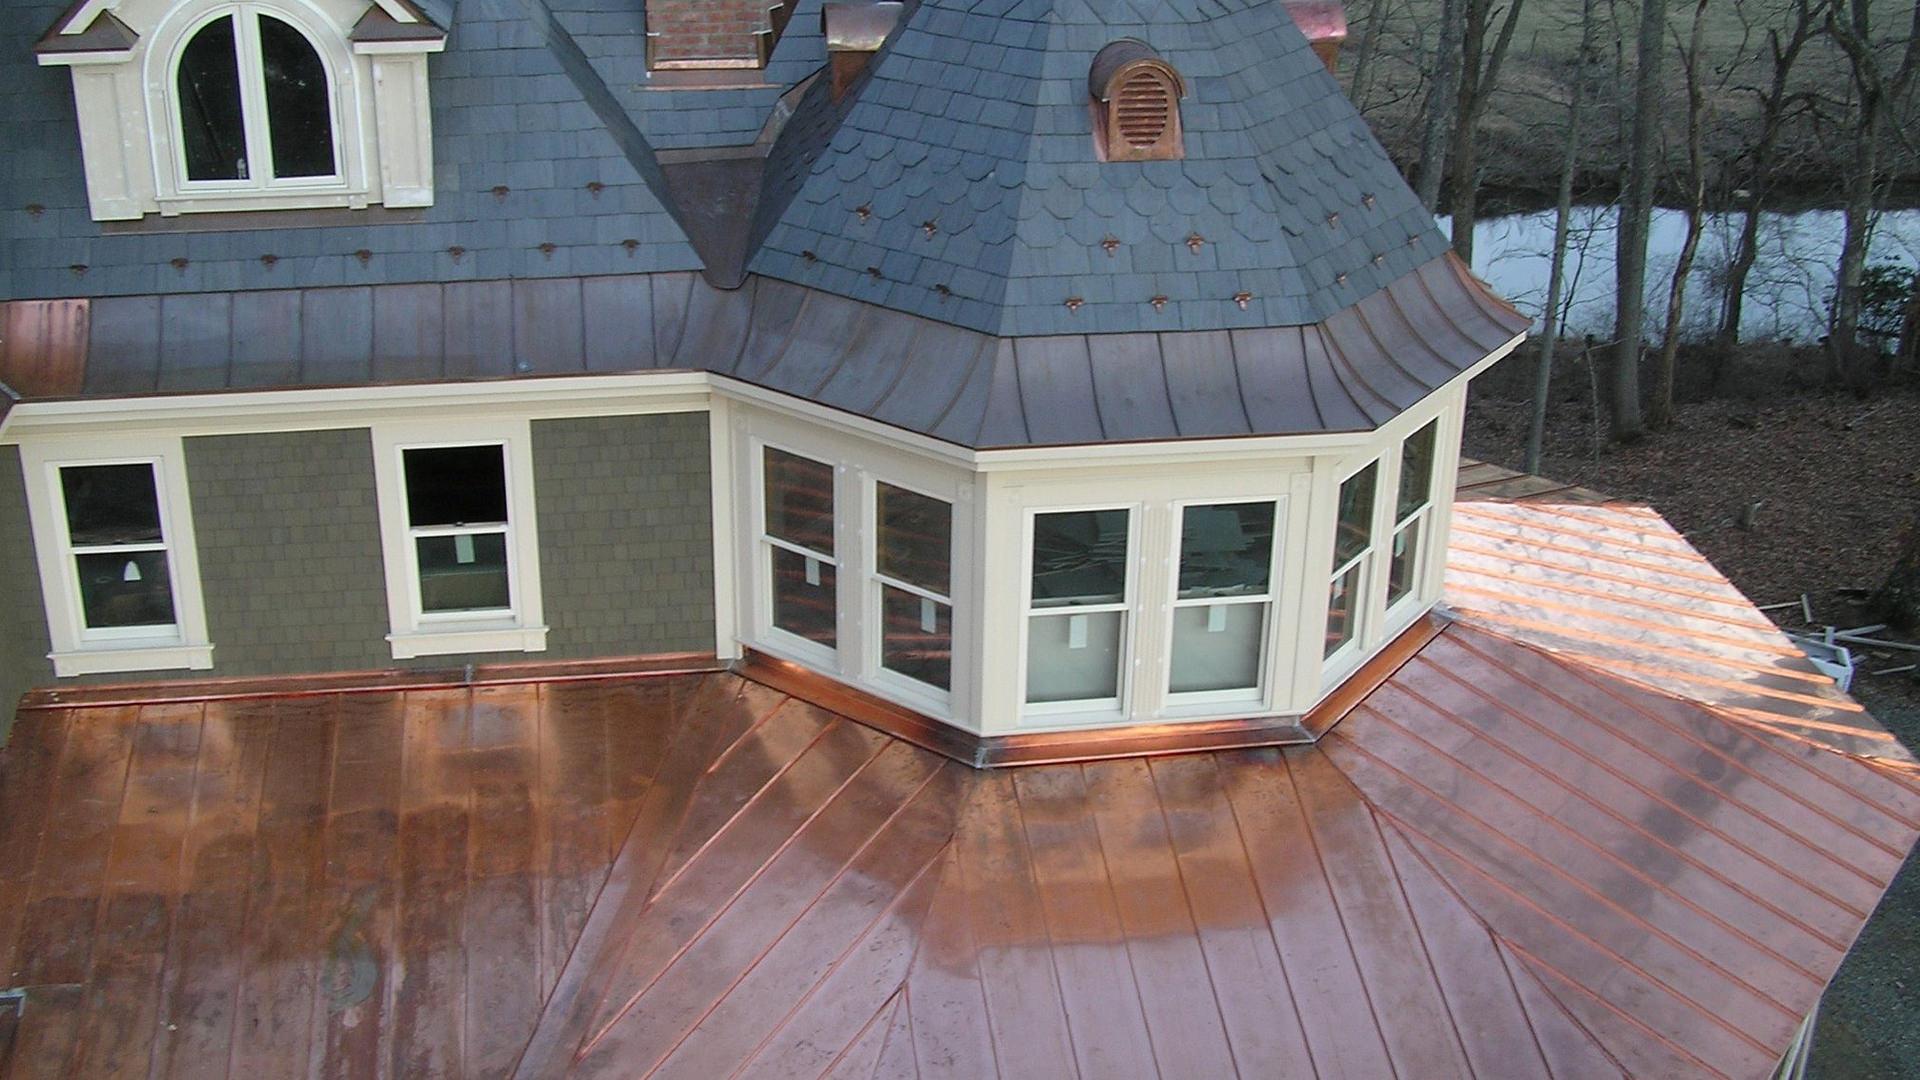 Radius copper radius roof panels